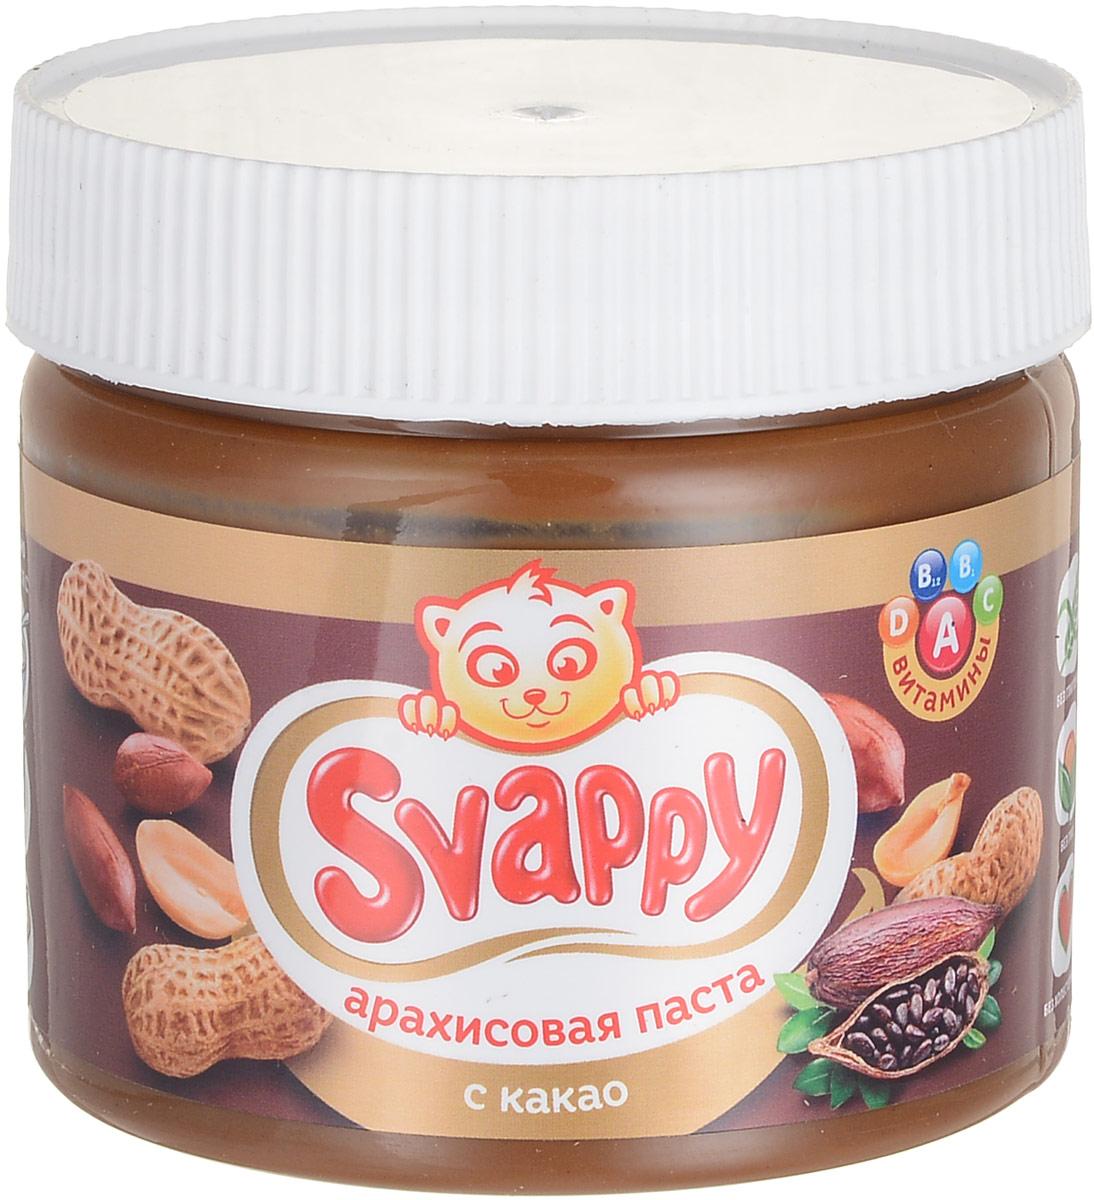 """Арахисовая паста с какао """"Svappy"""" - эксклюзивный продукт из отборного аргентинского арахиса, выращенного по стандартам контроля GMP. Паста не содержит в себе ГМО, глютена и прочих вредных веществ. Процедура обжаривания арахиса происходит по особой рецептуре, разработанной технологами, также паста имеет приятную консистенцию, не прилипает во время еды и насыщена витаминами A, B1, B12, C, D. Каждая баночка проходит чуткий контроль технологов и отдела ОТК. Продукция полностью сертифицирована и прошла все лабораторные и бактериологические исследования. Уважаемые клиенты! Обращаем ваше внимание, что полный перечень состава продукта представлен на дополнительном изображении."""